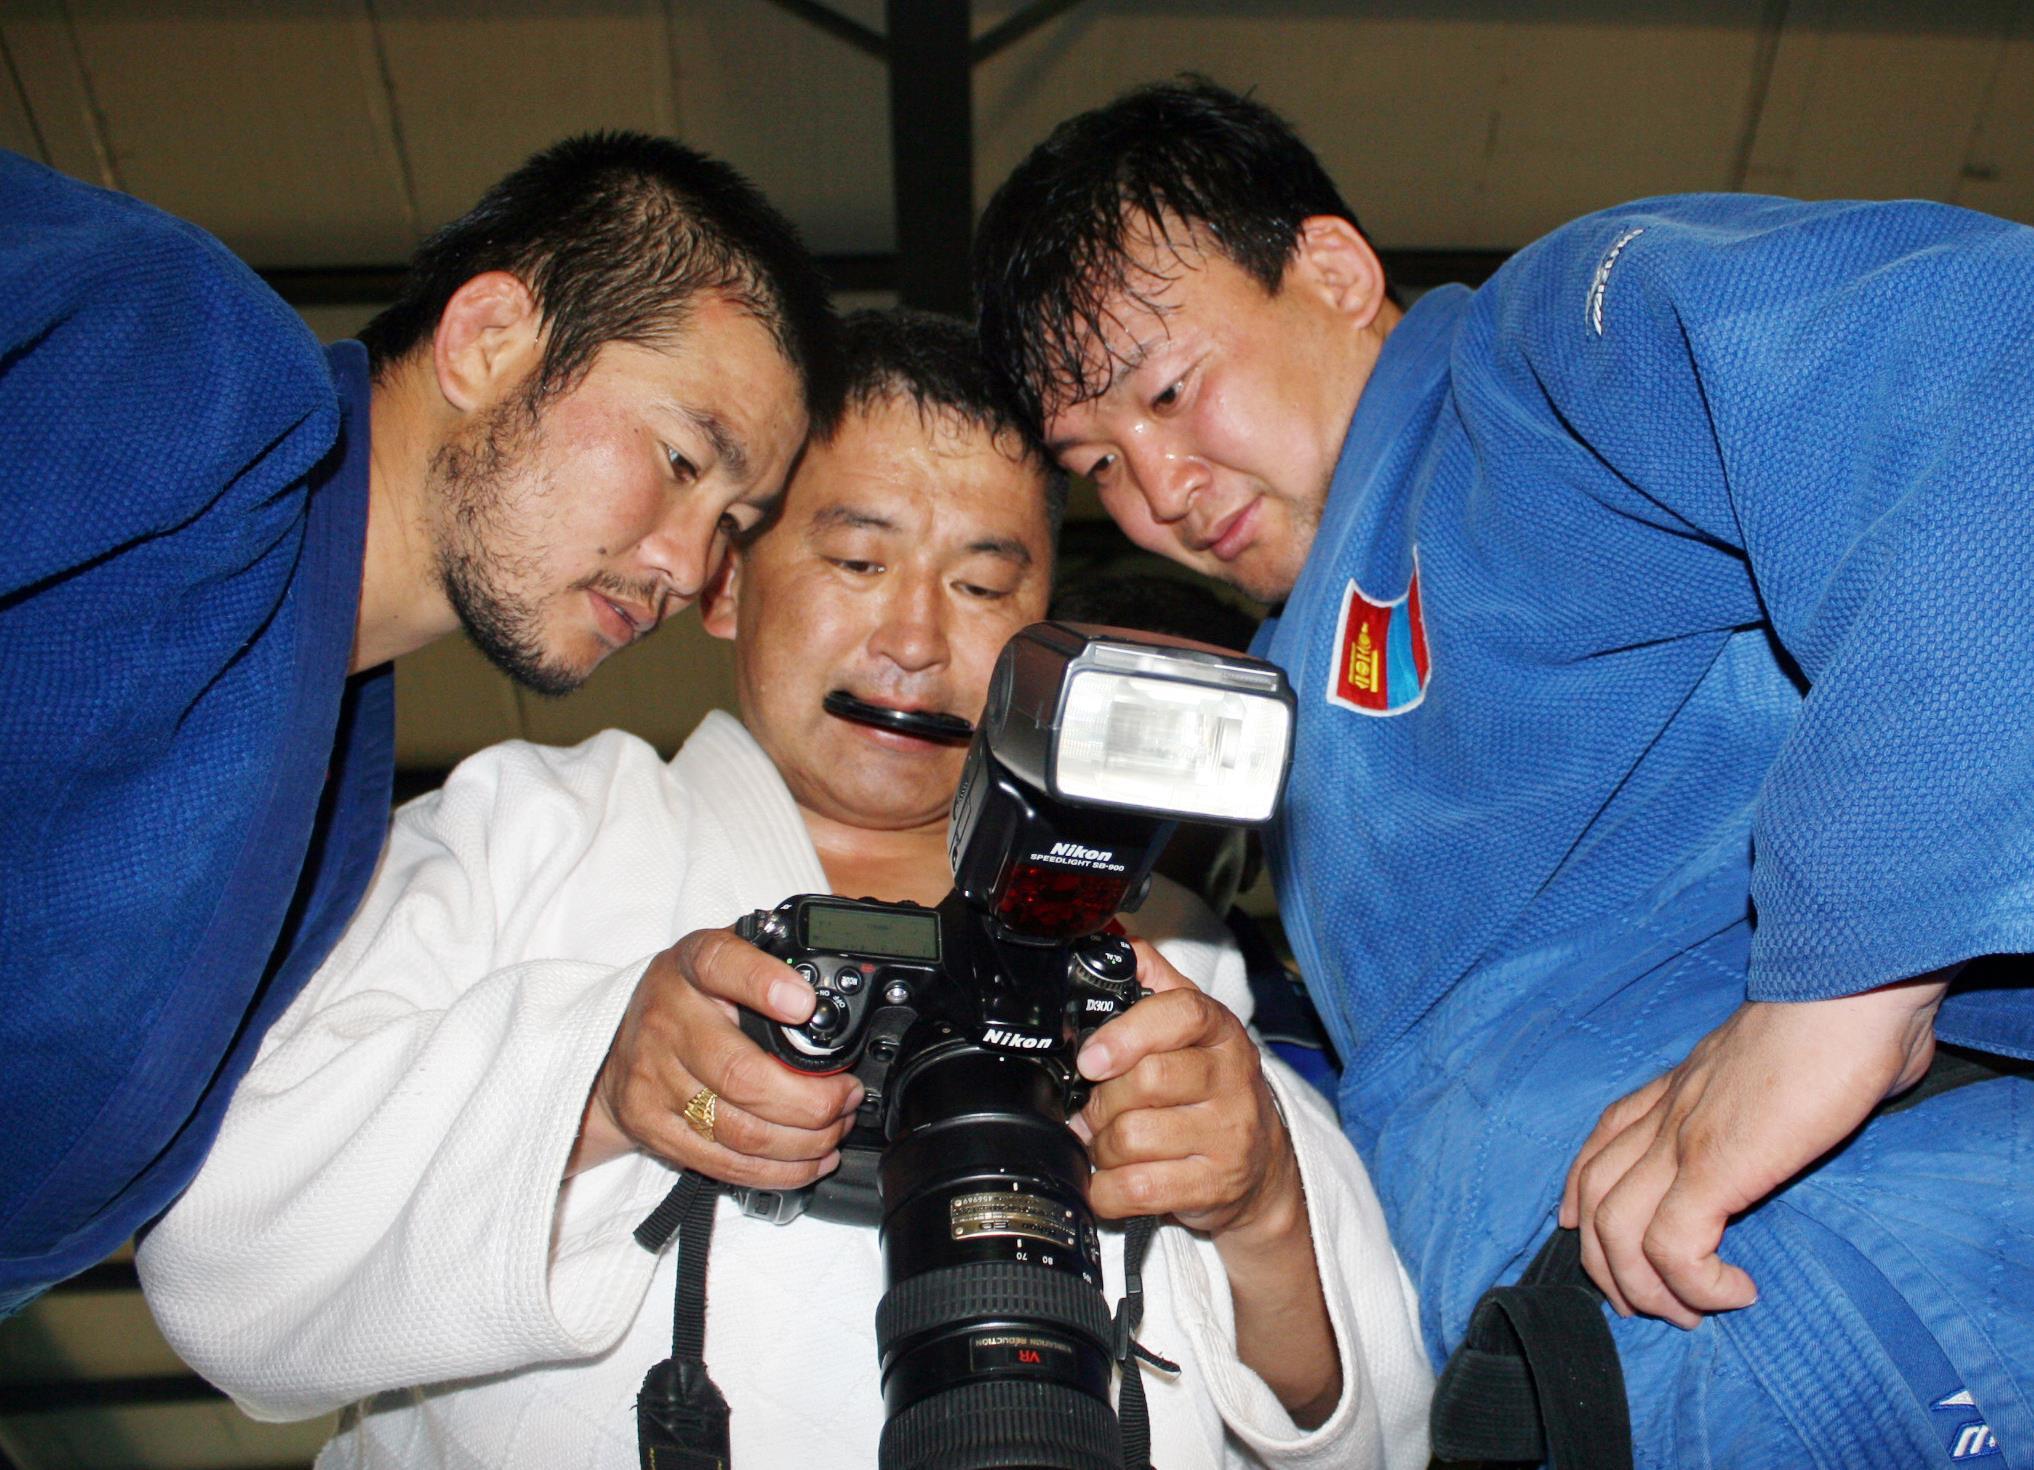 Ч.Ганбатын бүтээл дэлхийн спортын шилдэг гурван гэрэл зургийн нэгээр шалгарчээ